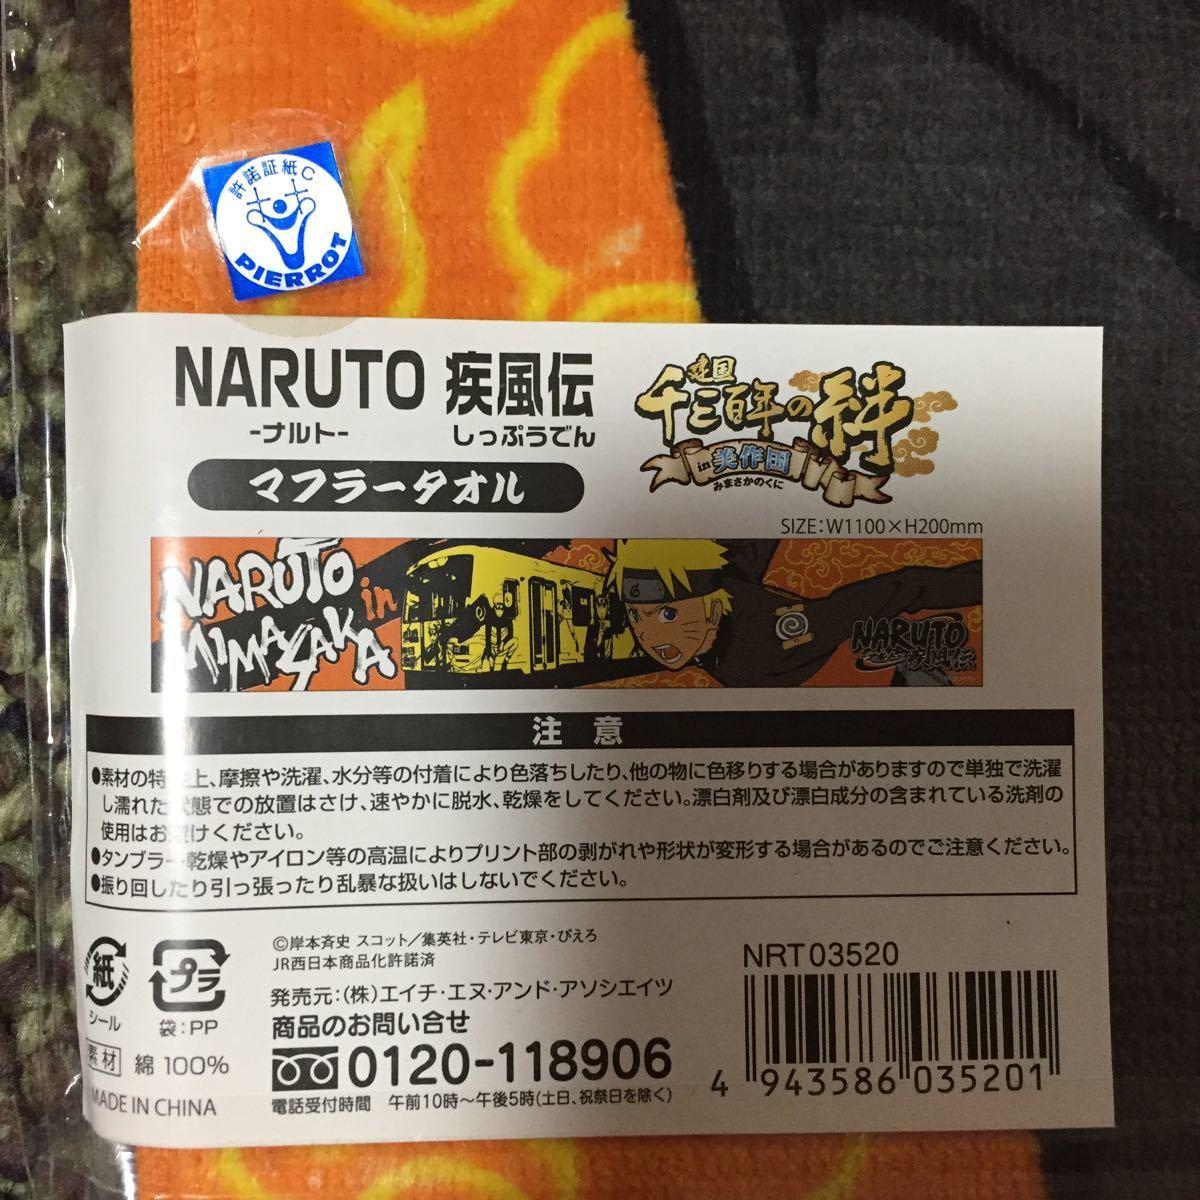 ナルト NARUTO 疾風伝 マフラータオル & 缶バッジ